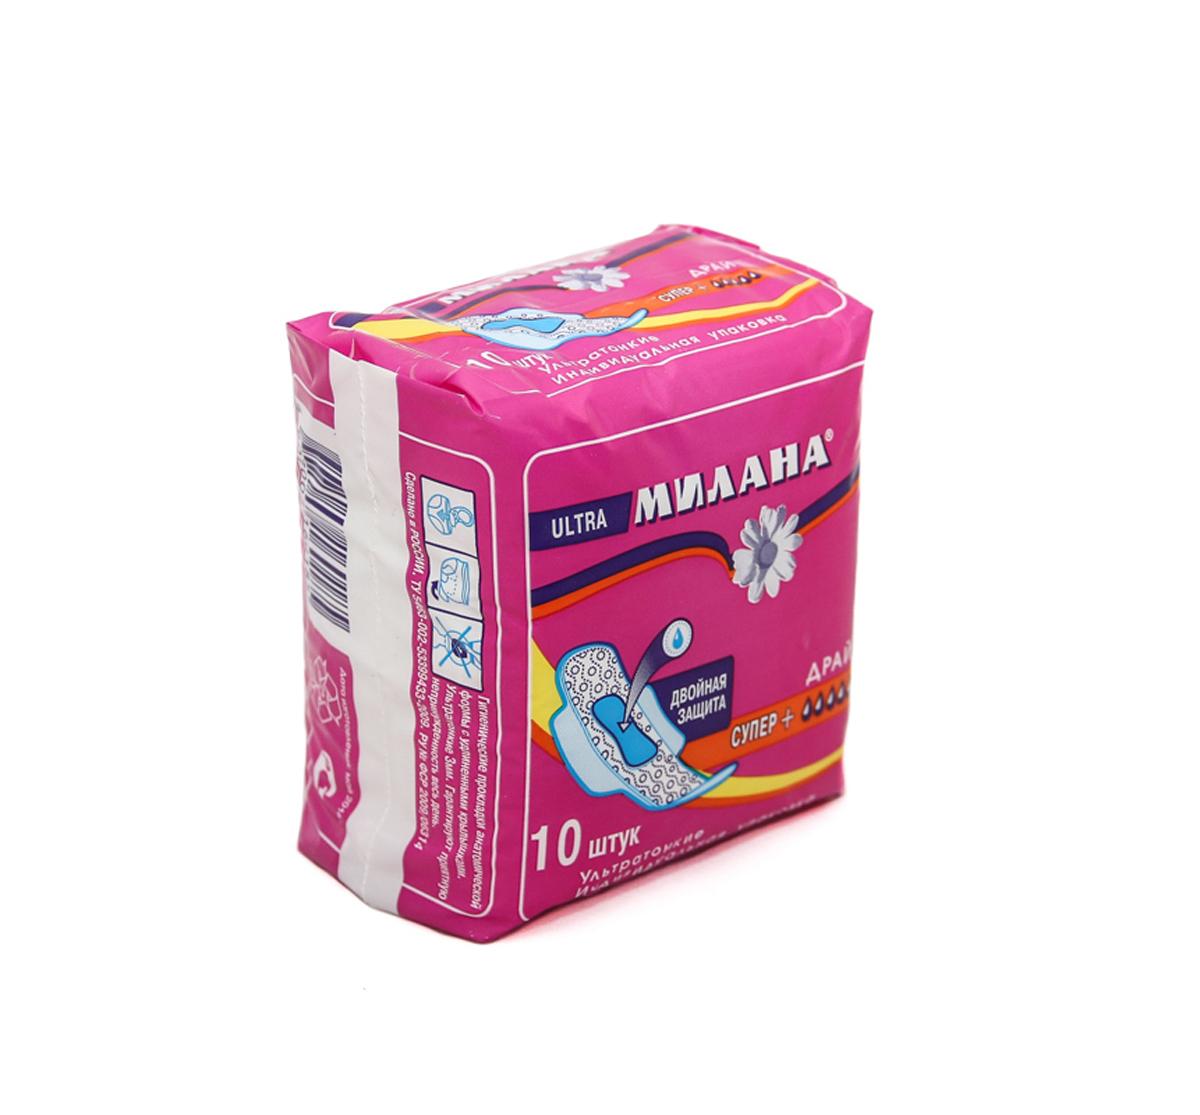 Милана Ультратонкие прокладки женские Ультра Супер Драй, 10 шт305Ультра супер+ ДРАЙ - Ультратонкие прокладки для критических дней.Удлиненная форма (260мм) обеспечивает увеличение впитываемости. Впитывающий слой Айрлайд- прессованная целлюлоза с добавлением гранул геля для фиксации жидкости внутри прокладки. Впитывающий слой надежно закреплен термическими швами, которые фиксируют на месте гранулы геля и не позволяют им собираться в комки.В центре прокладки - дополнительный впитывающий слой голубого материала «Айрлайд» для максимальной защиты.Верхний слой - покрытие ДРАЙ - популярный сетчатый слой, сохраняет поверхность прокладки практически сухой.Снабжены гибкими крылышками увеличенного размера для надежной фиксации и защиты белья.В упаковке 10 прокладок, каждая в индивидуальной упаковке.